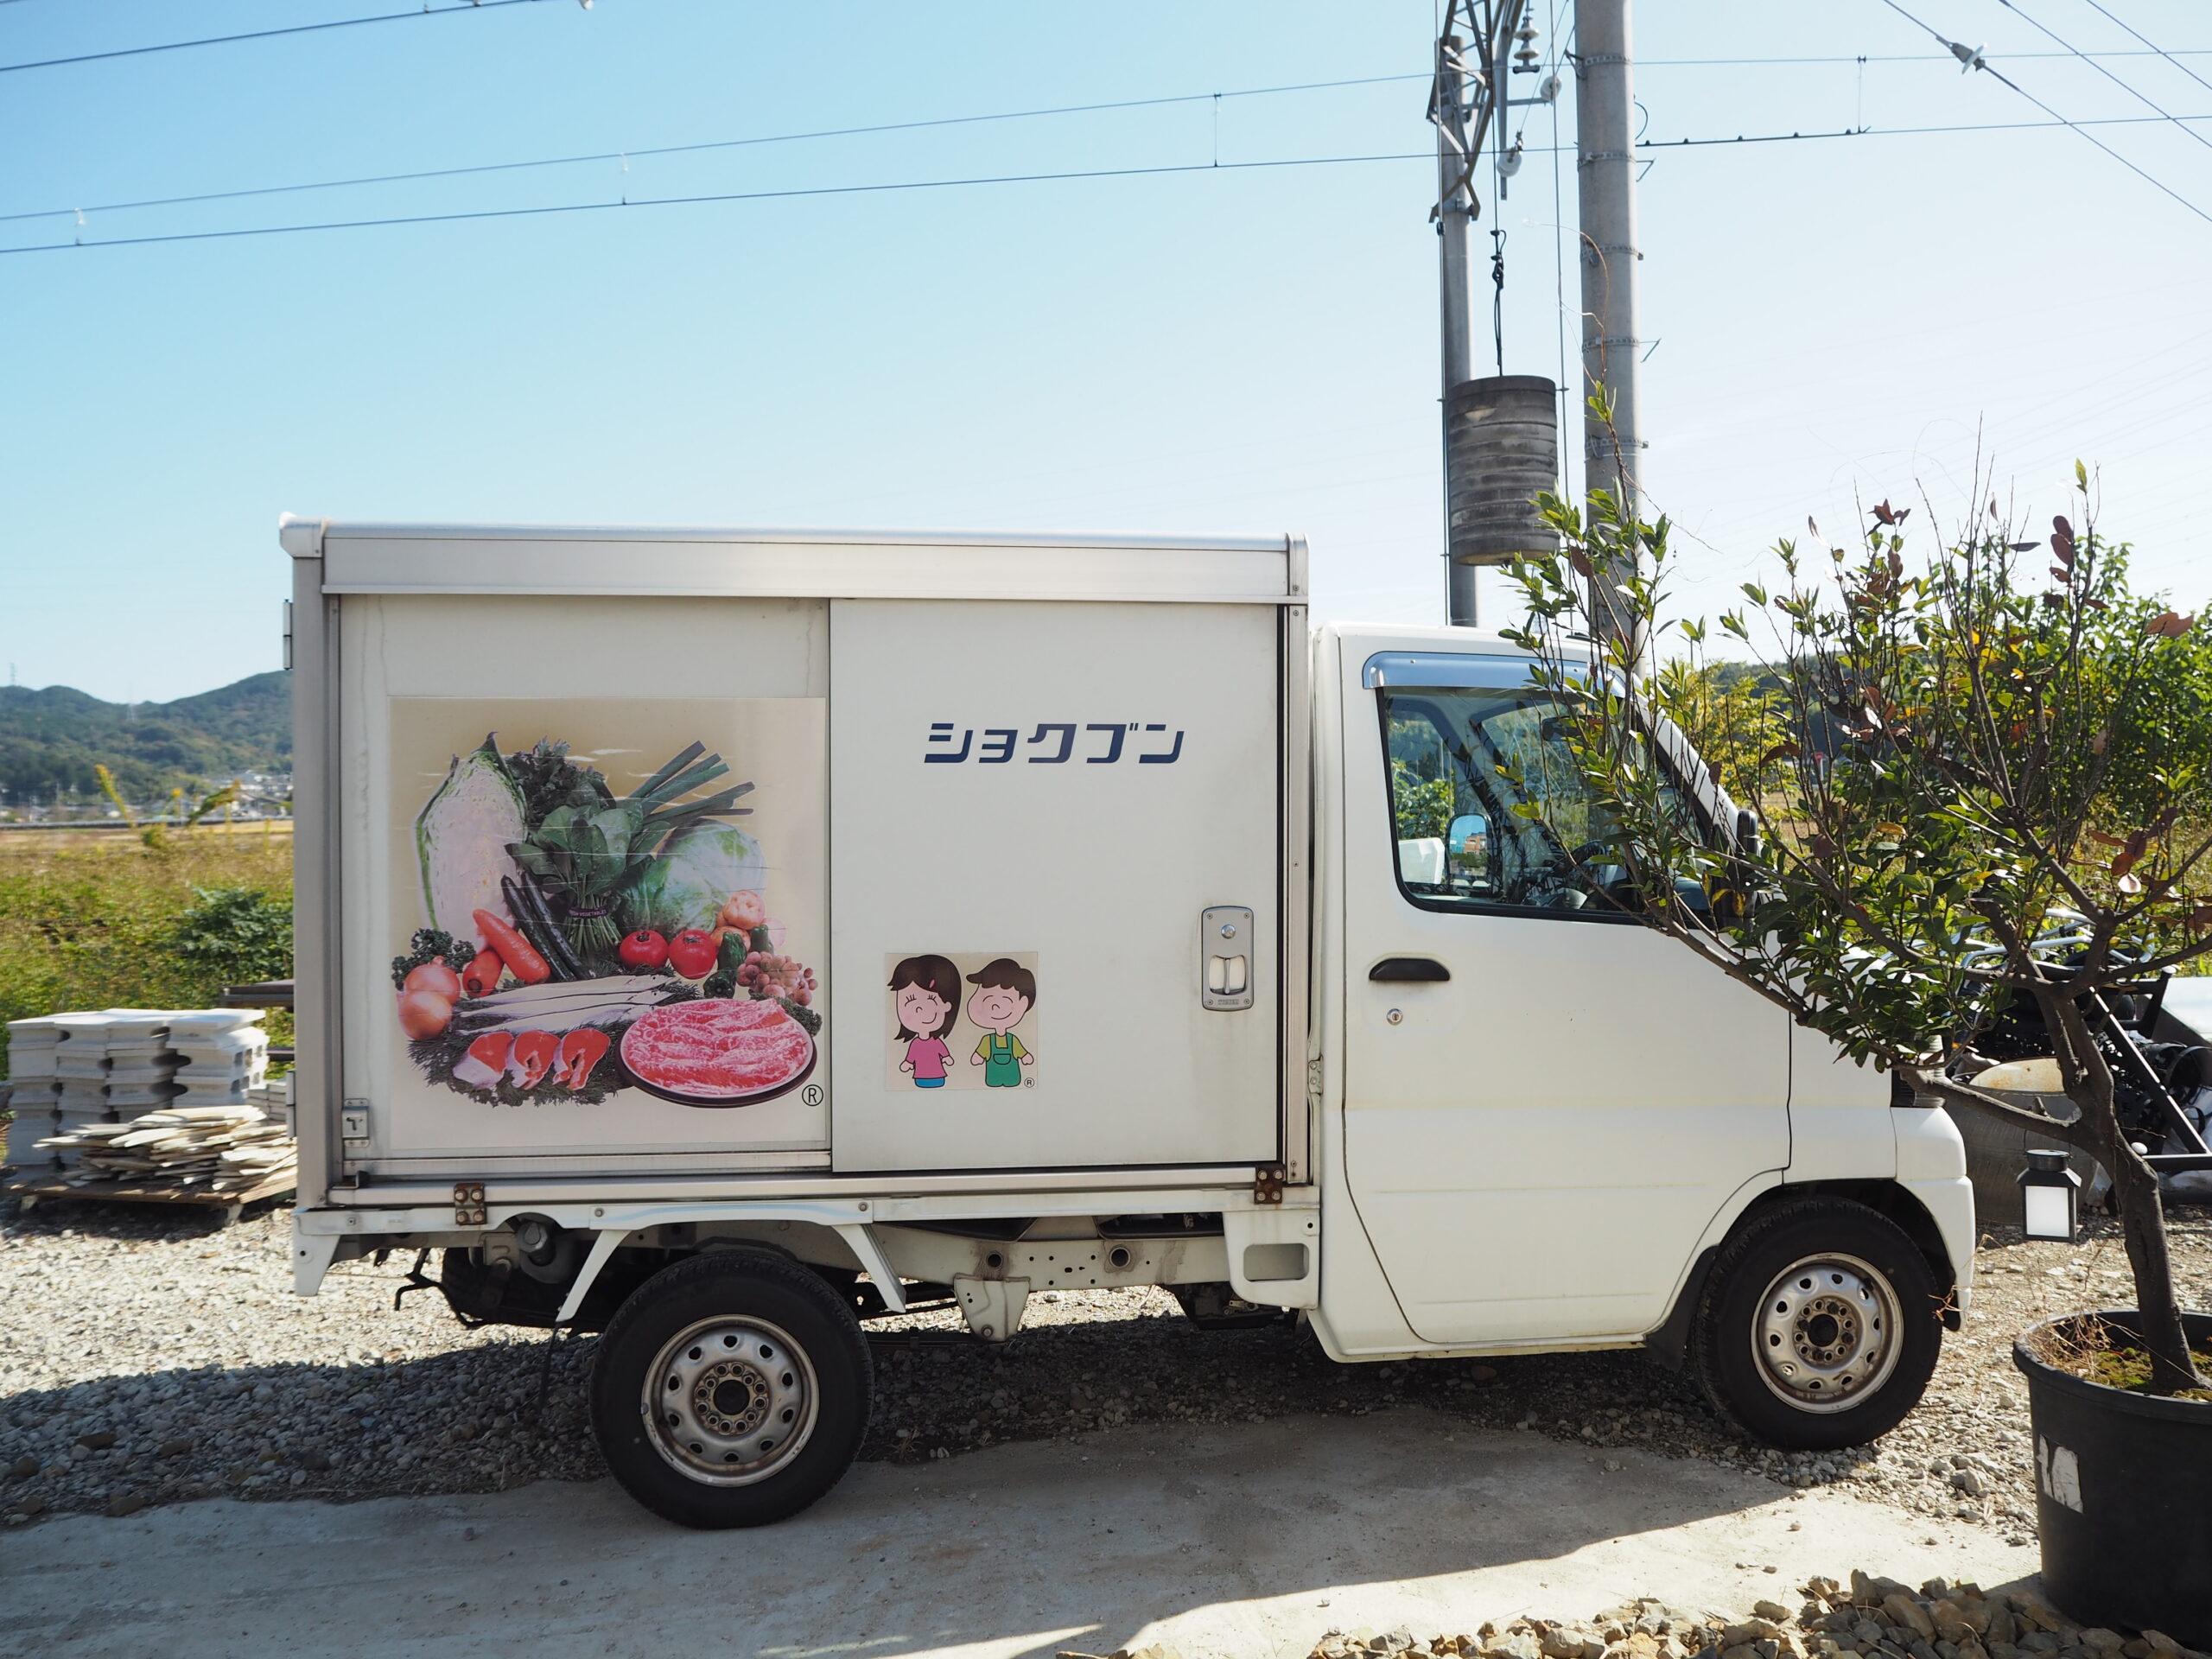 (旧)【食品工場からのルート配送ドライバー(4t)】 三重支社(製造部)